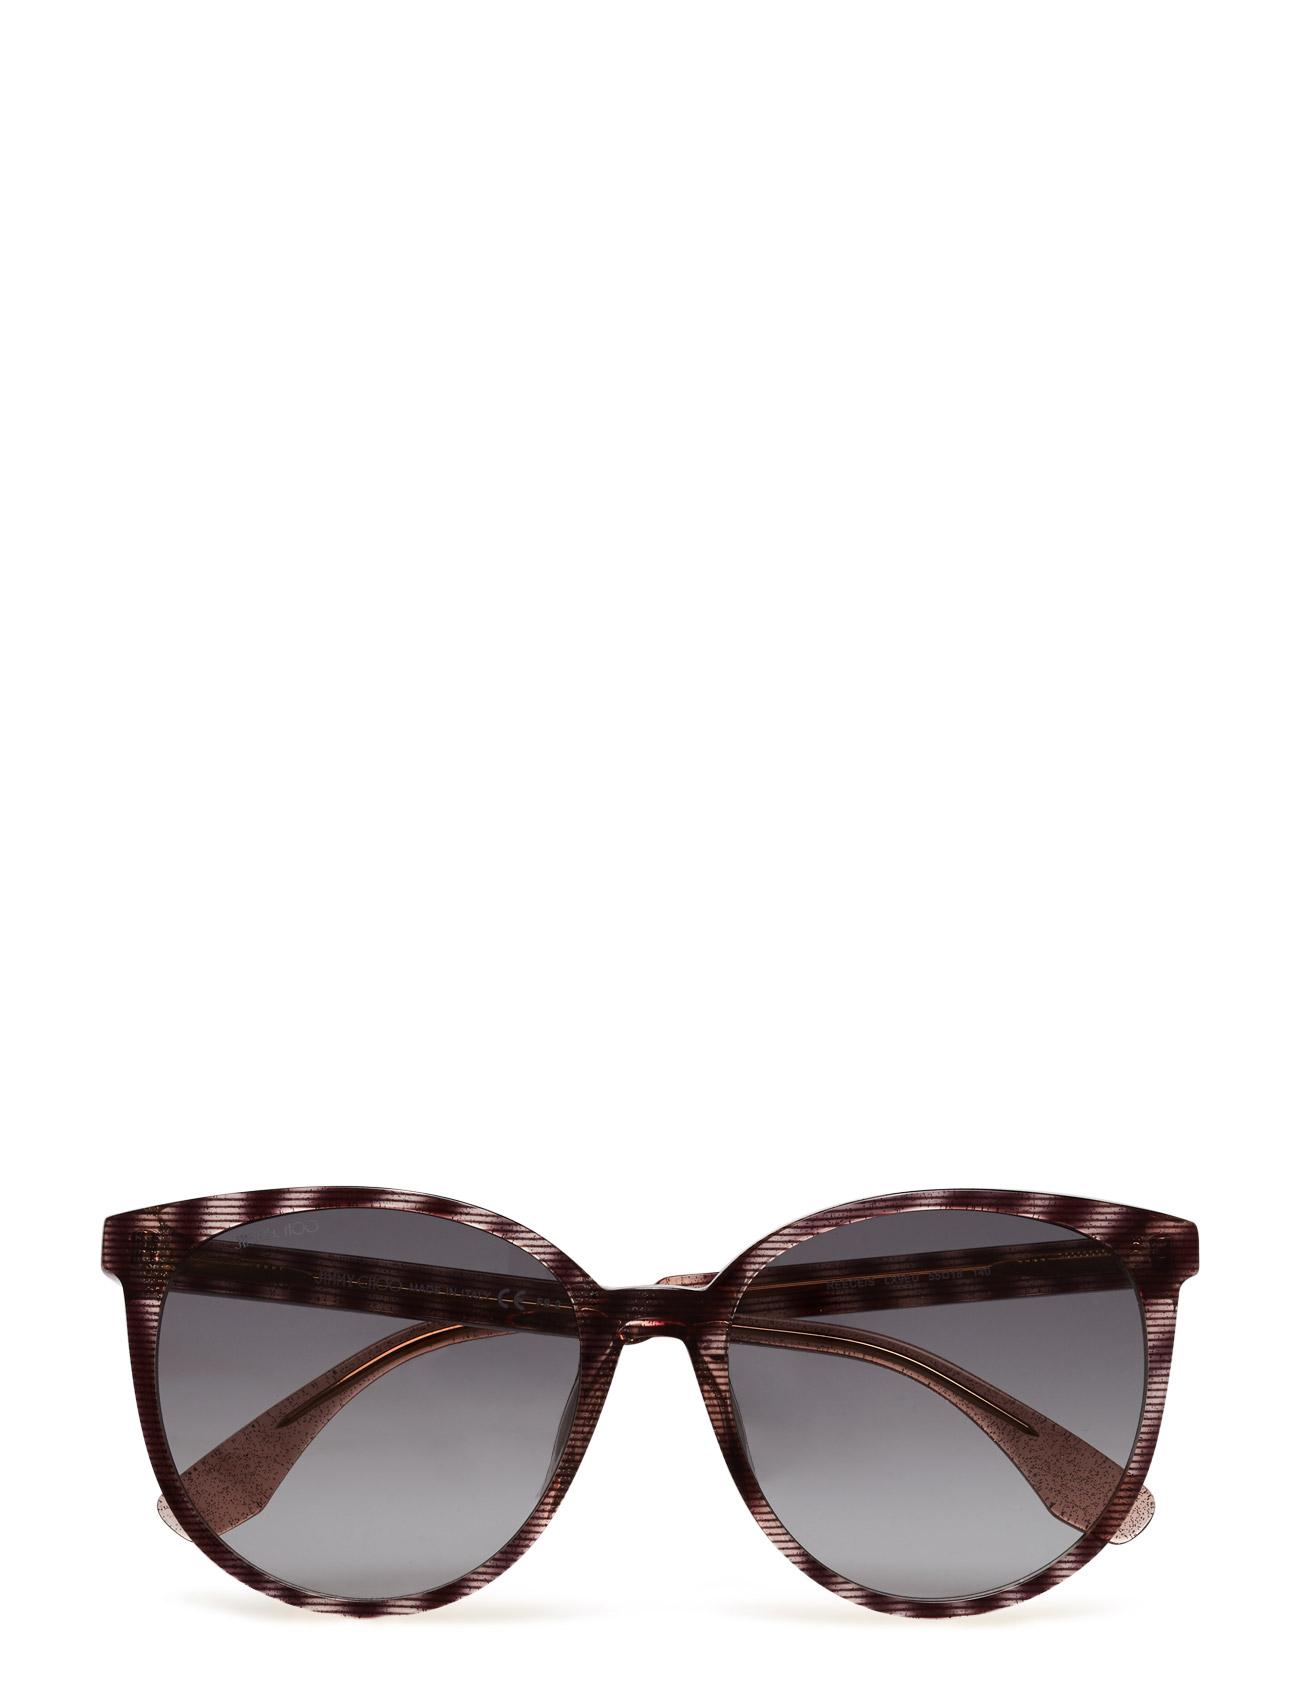 Reece/S Jimmy Choo Sunglasses Solbriller til Kvinder i